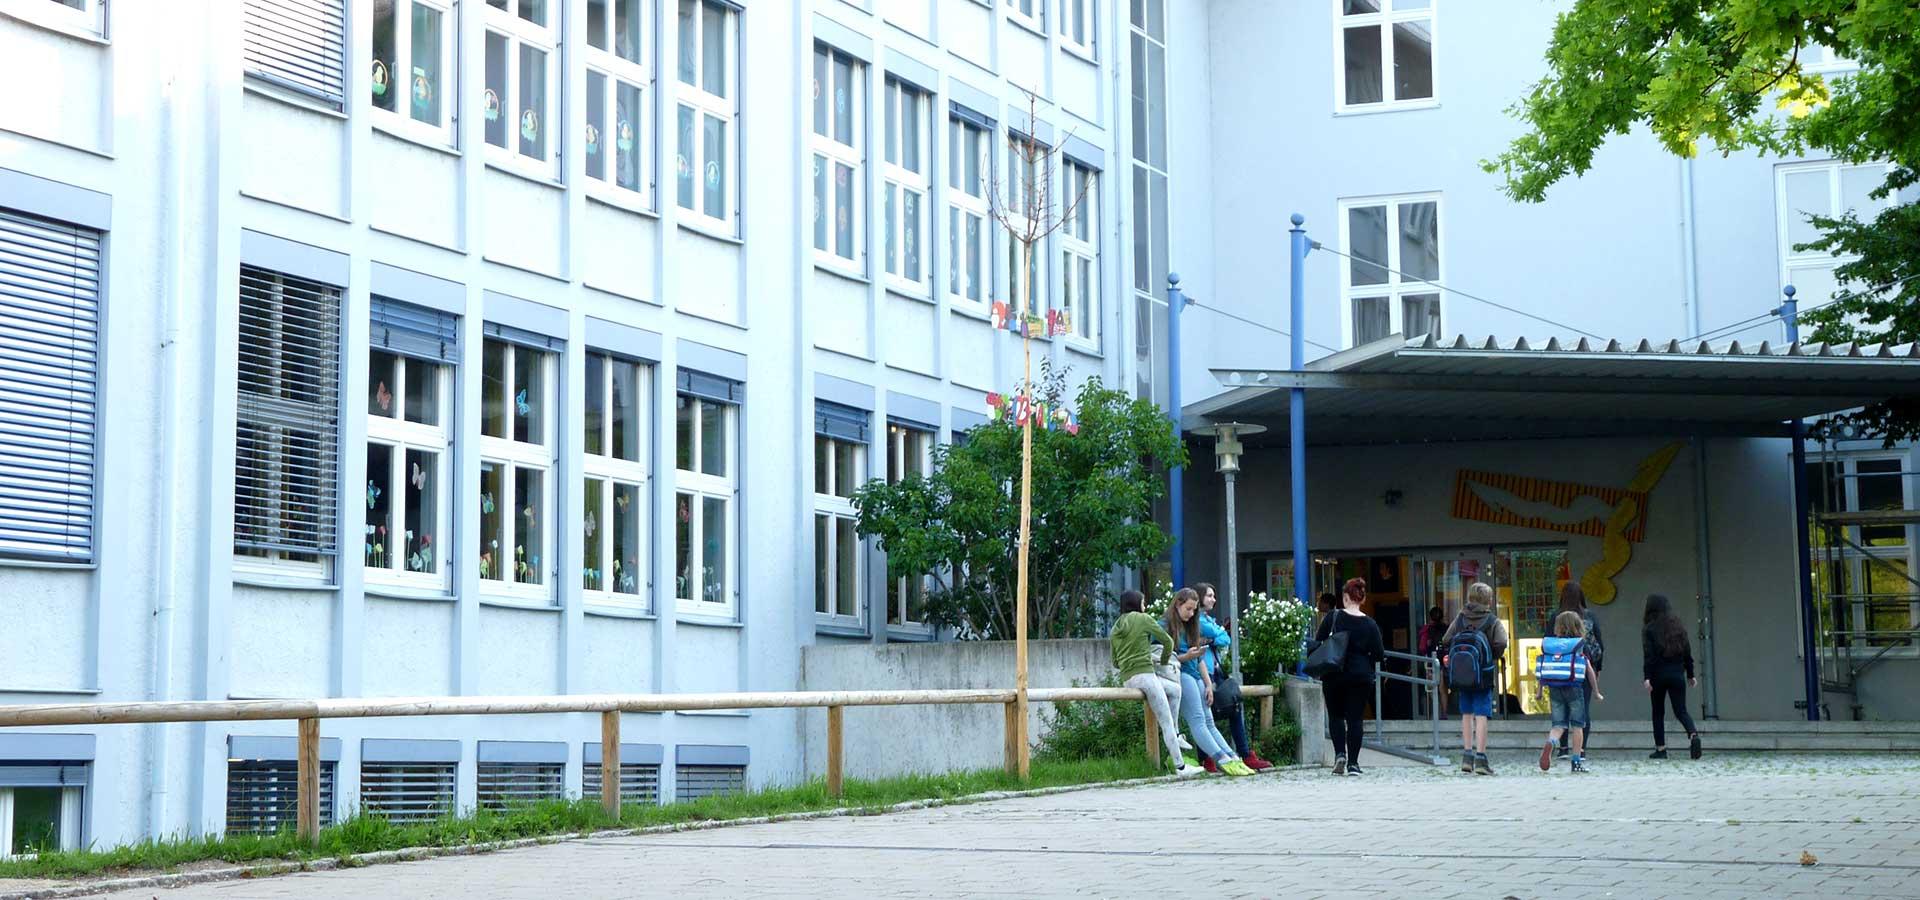 Grundschule und Mittelschule in Straubing